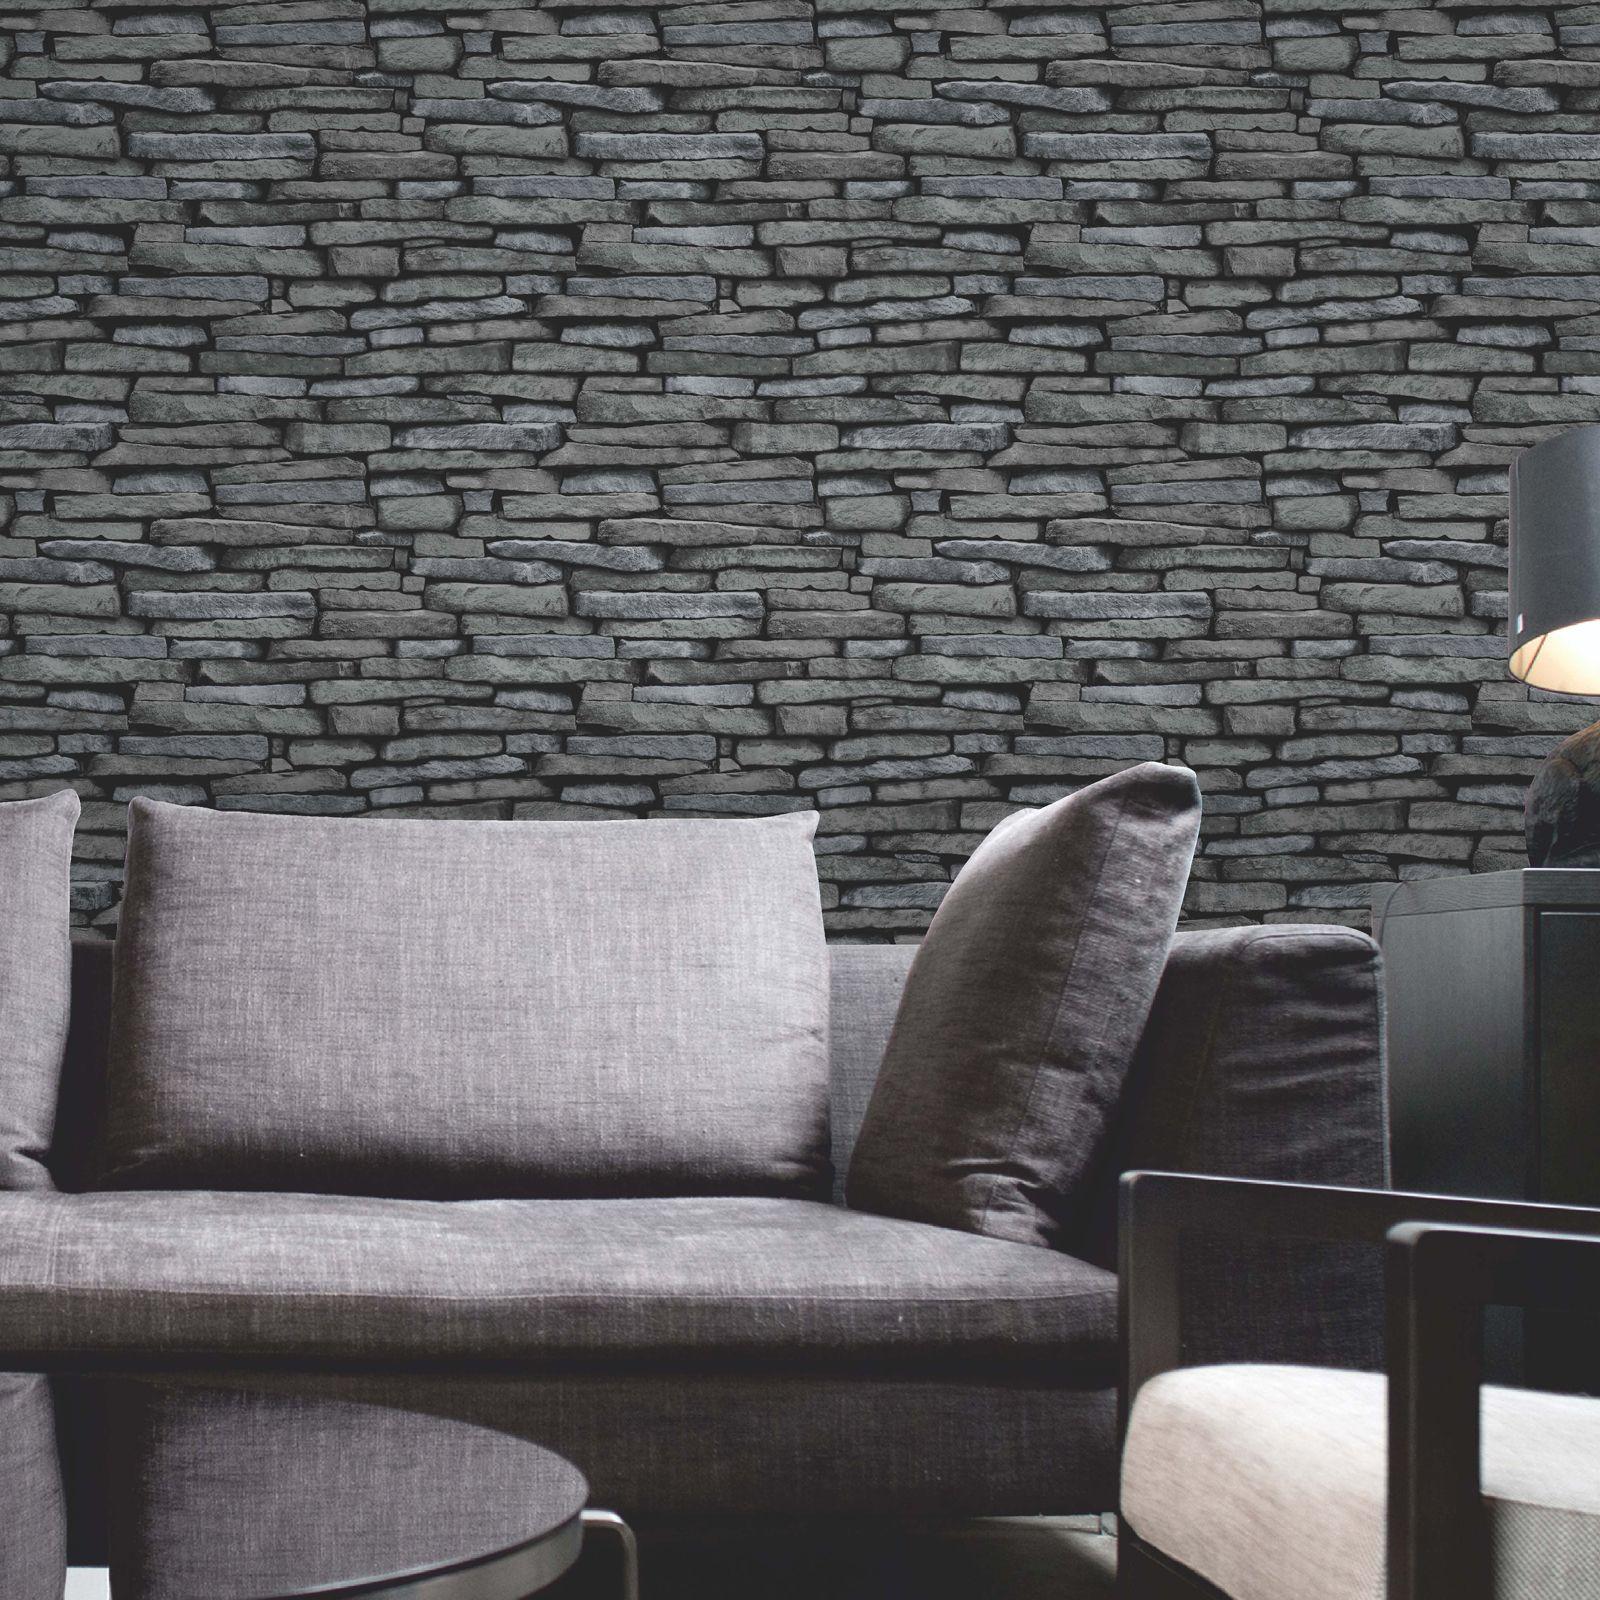 luxus tapete 10m stein ziegelstein holz schiefer optik neu ebay. Black Bedroom Furniture Sets. Home Design Ideas